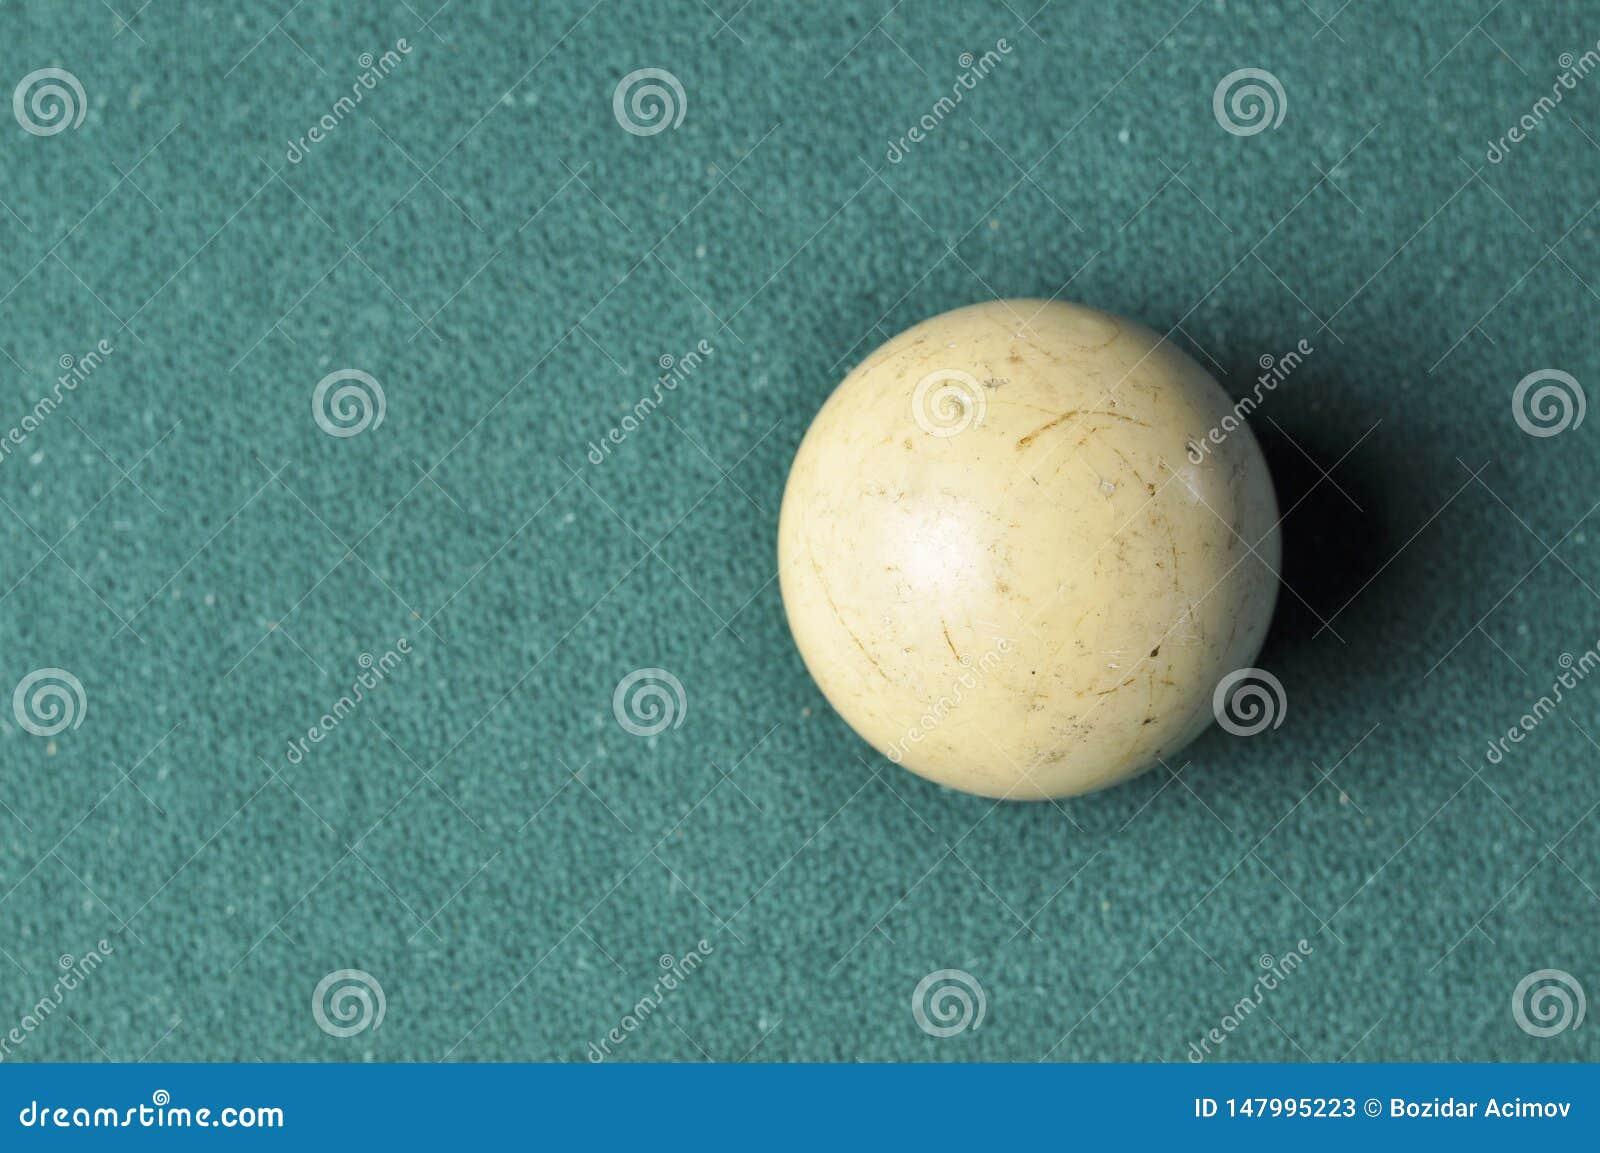 Viejo color blanco de la bola de billar en la tabla de billar verde, espacio de la copia